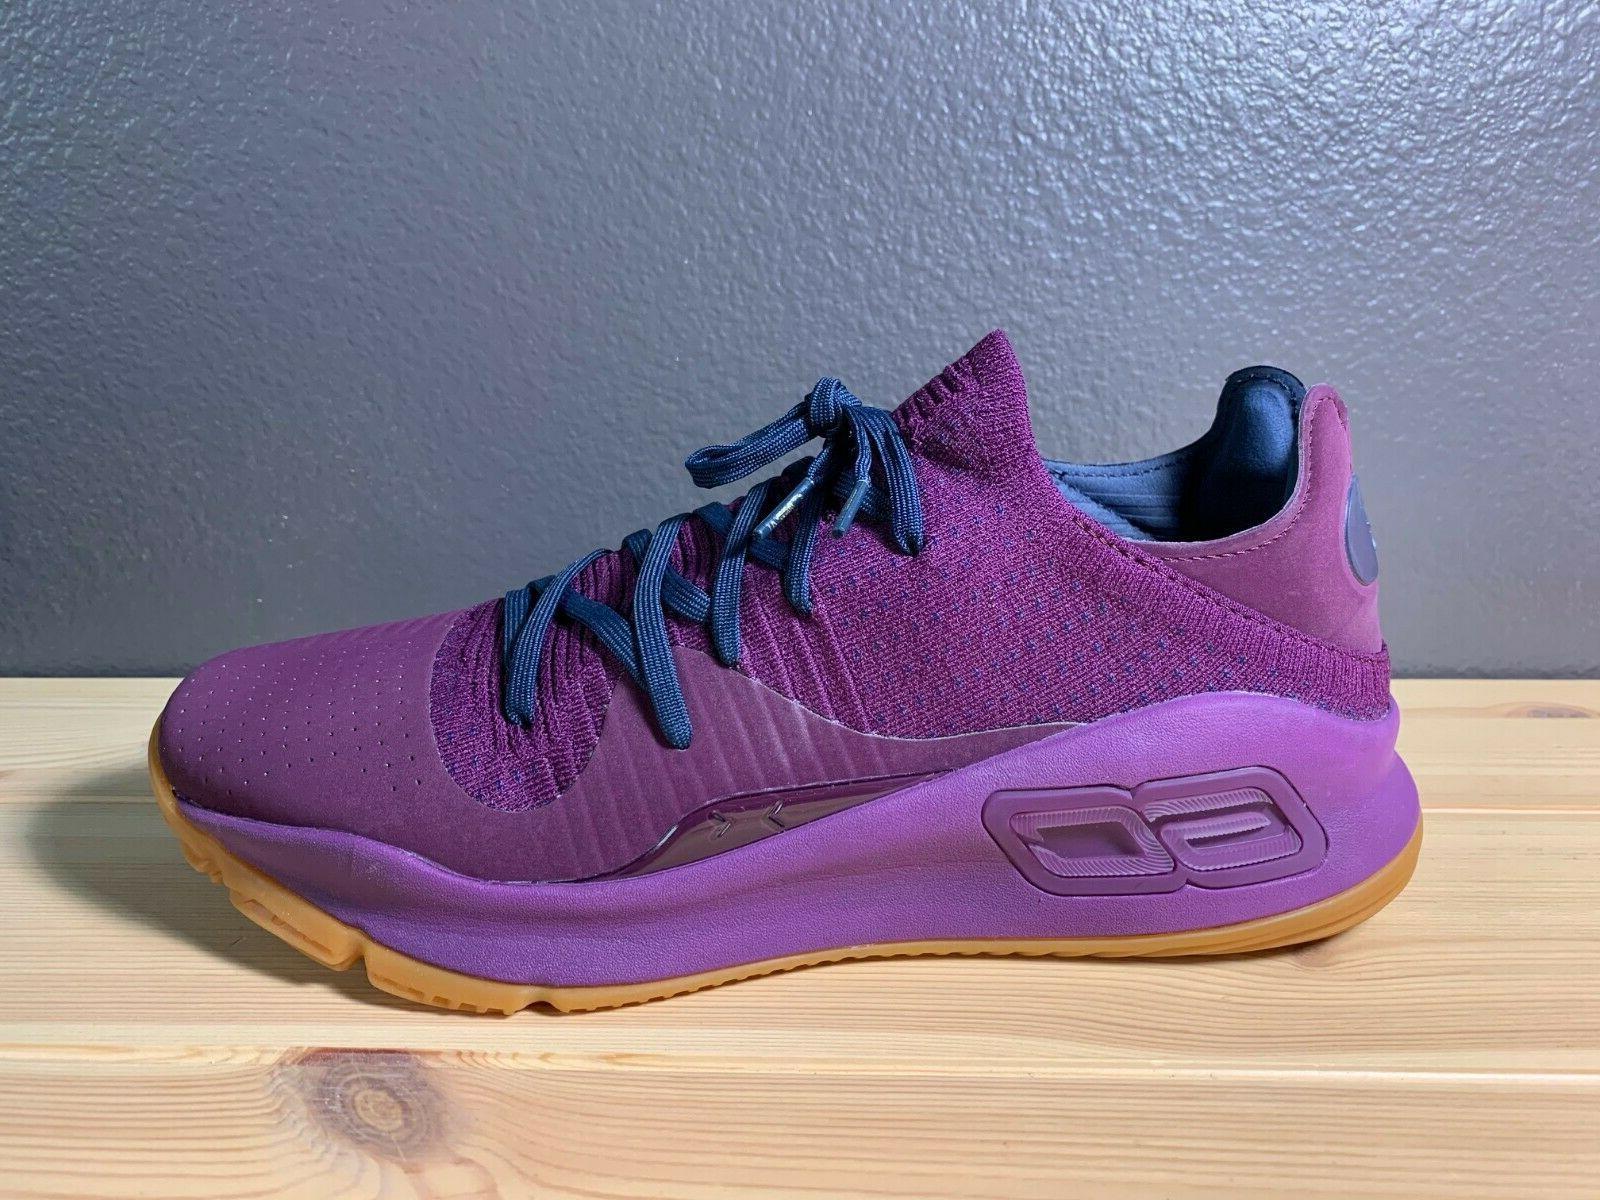 Men's 4 Merlot Purple Shoes 3000083-500 Size